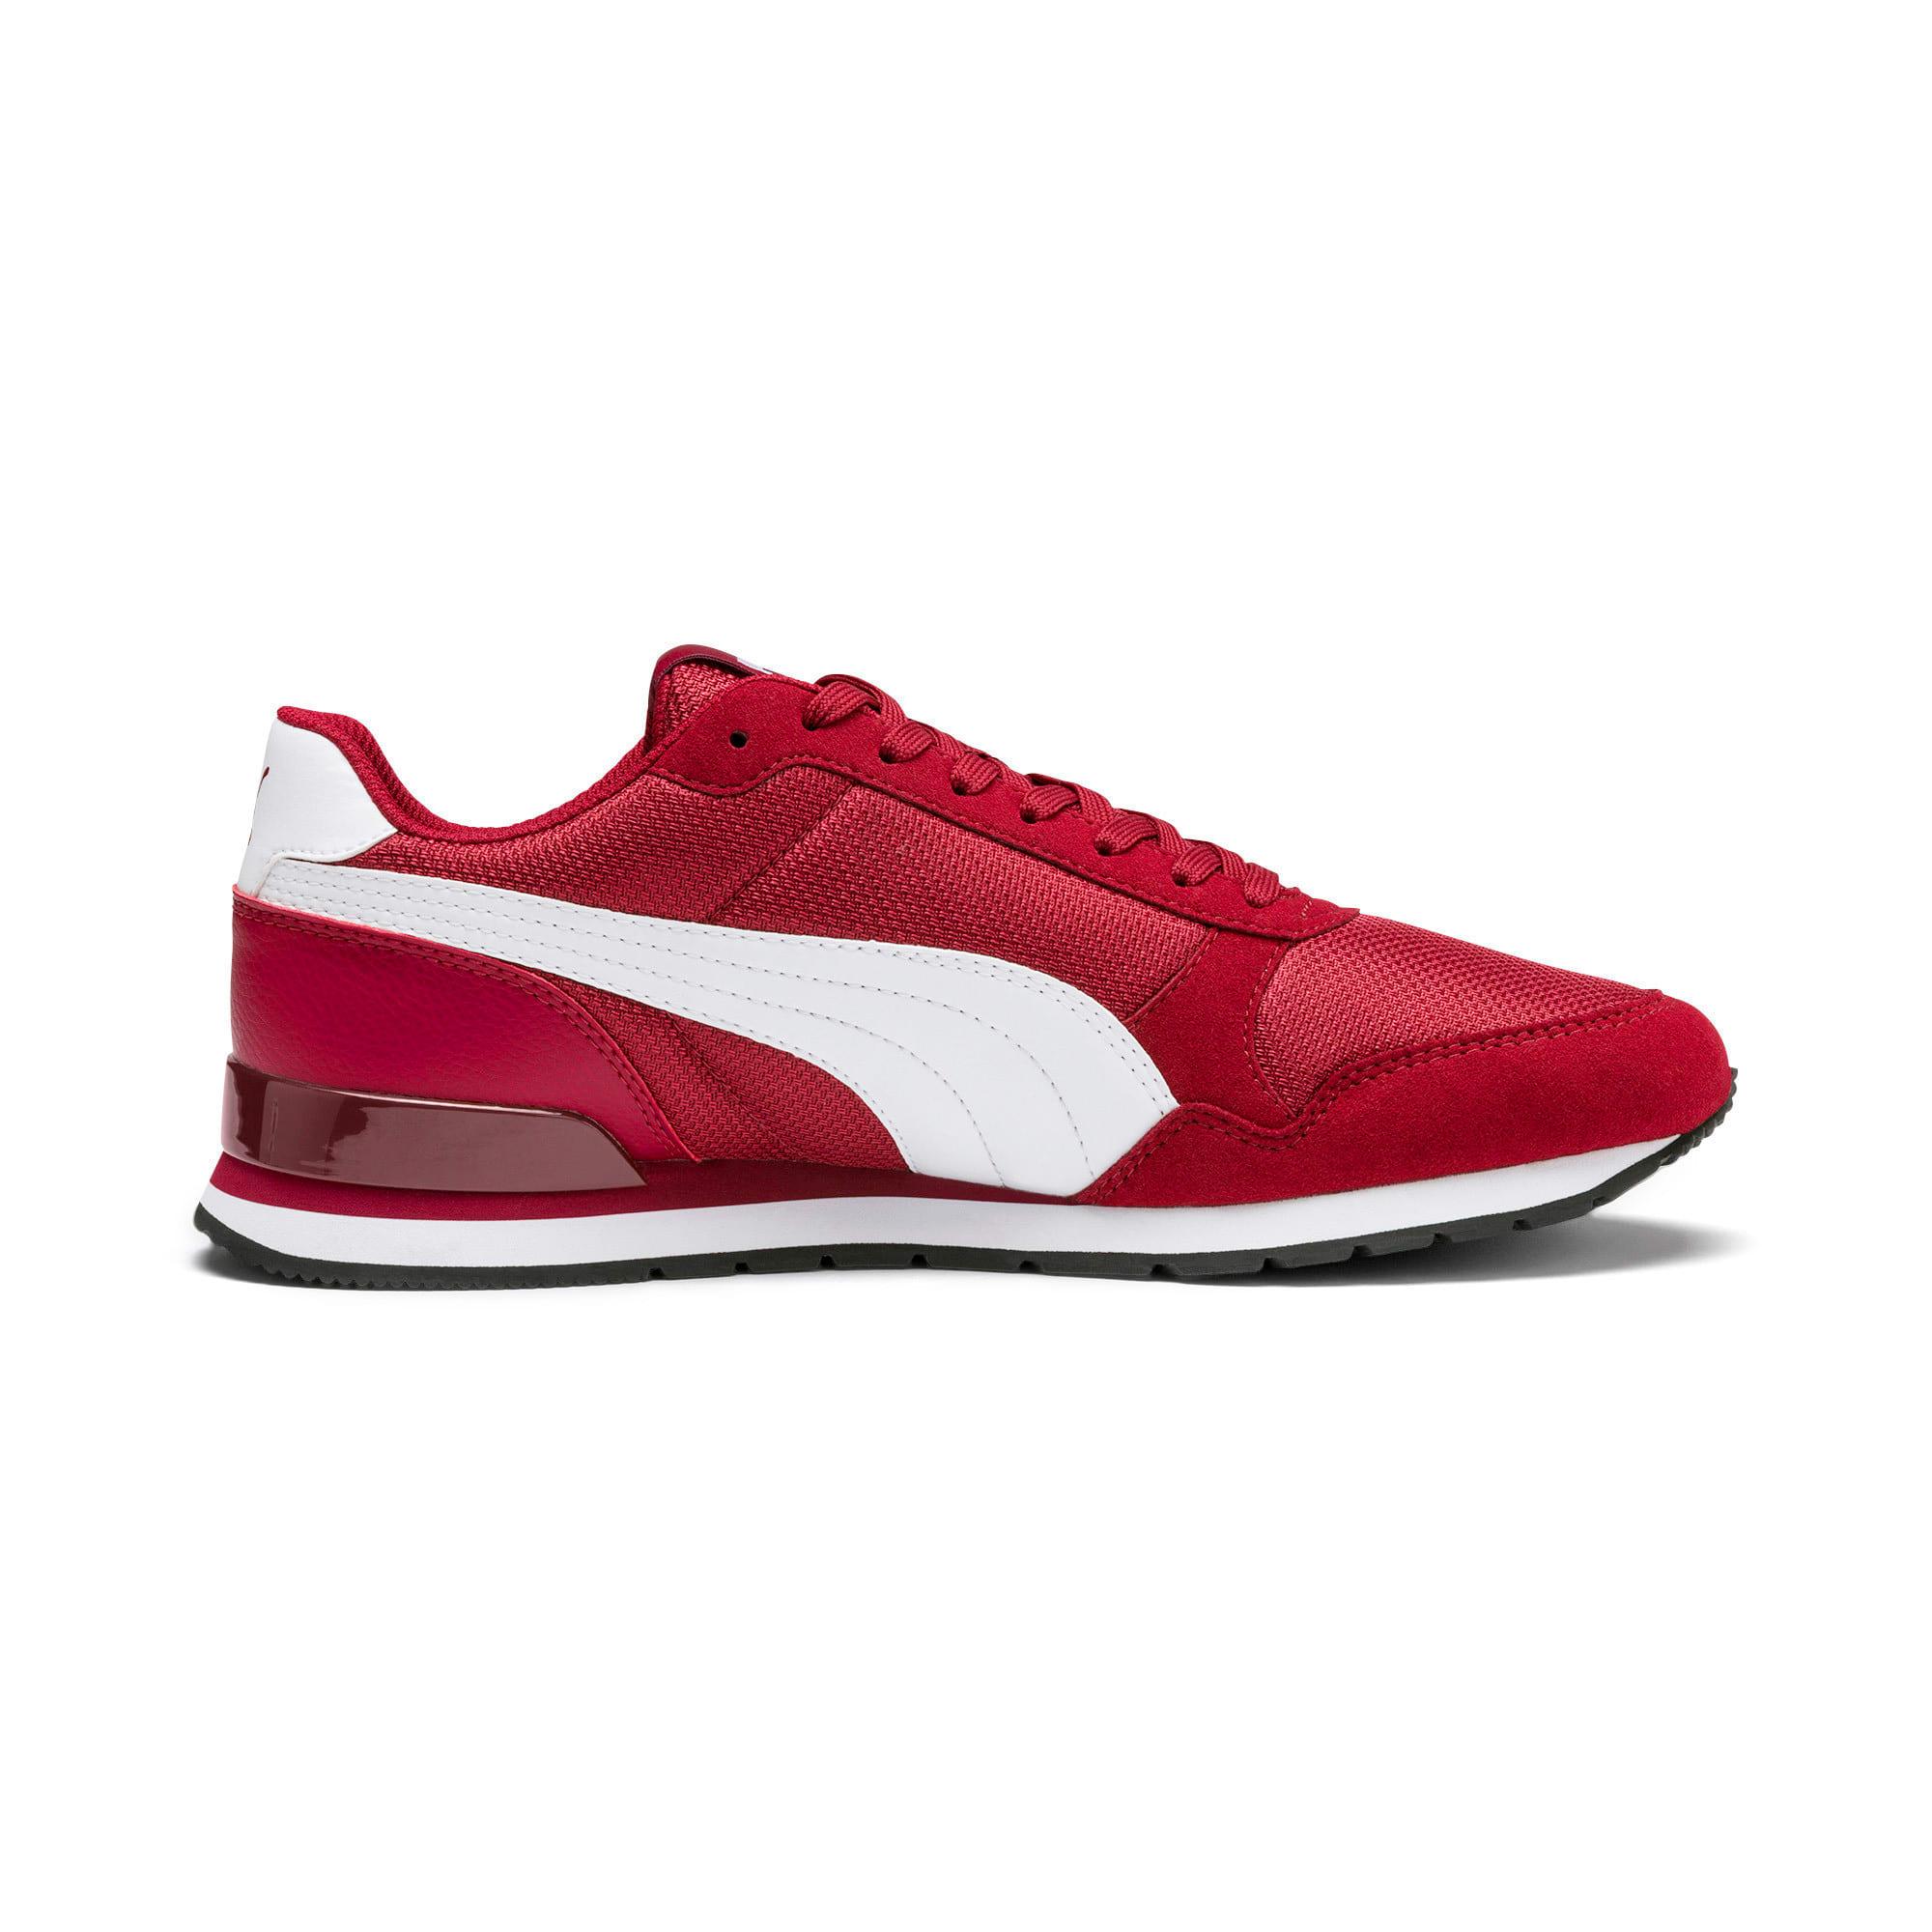 Miniatura 6 de Zapatos deportivos ST Runner v2 Mesh, Rhubarb-Puma White, mediano